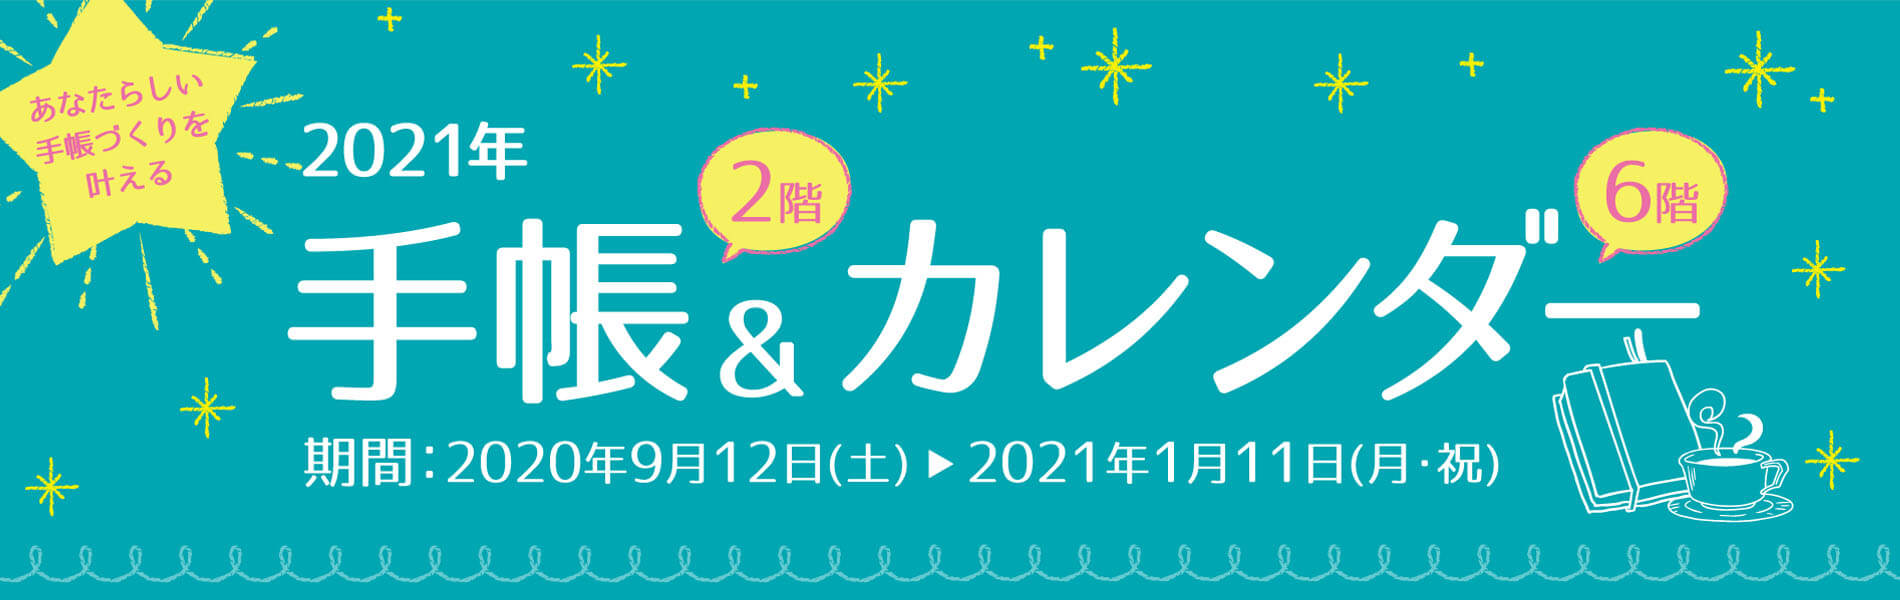 2021年 手帳・カレンダー